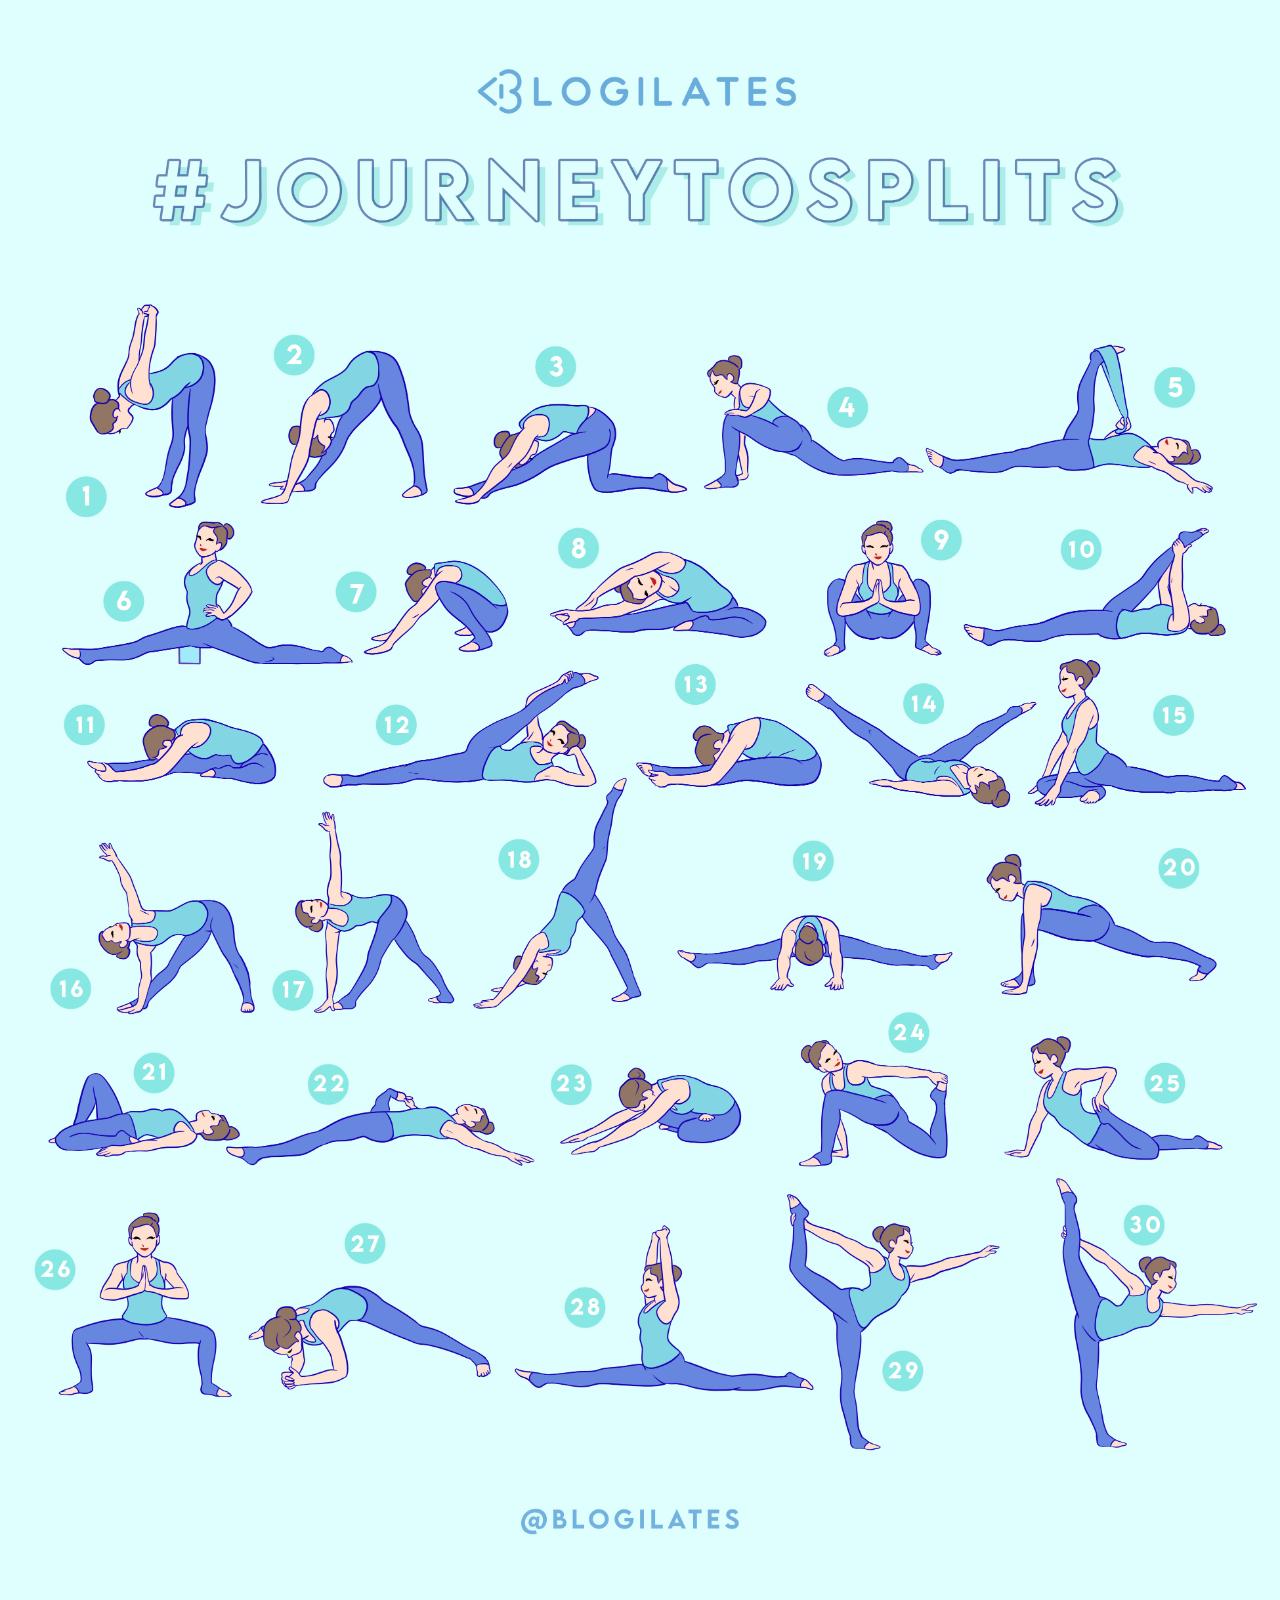 30 Days 30 Stretches To Splits Journeytosplits Blogilates